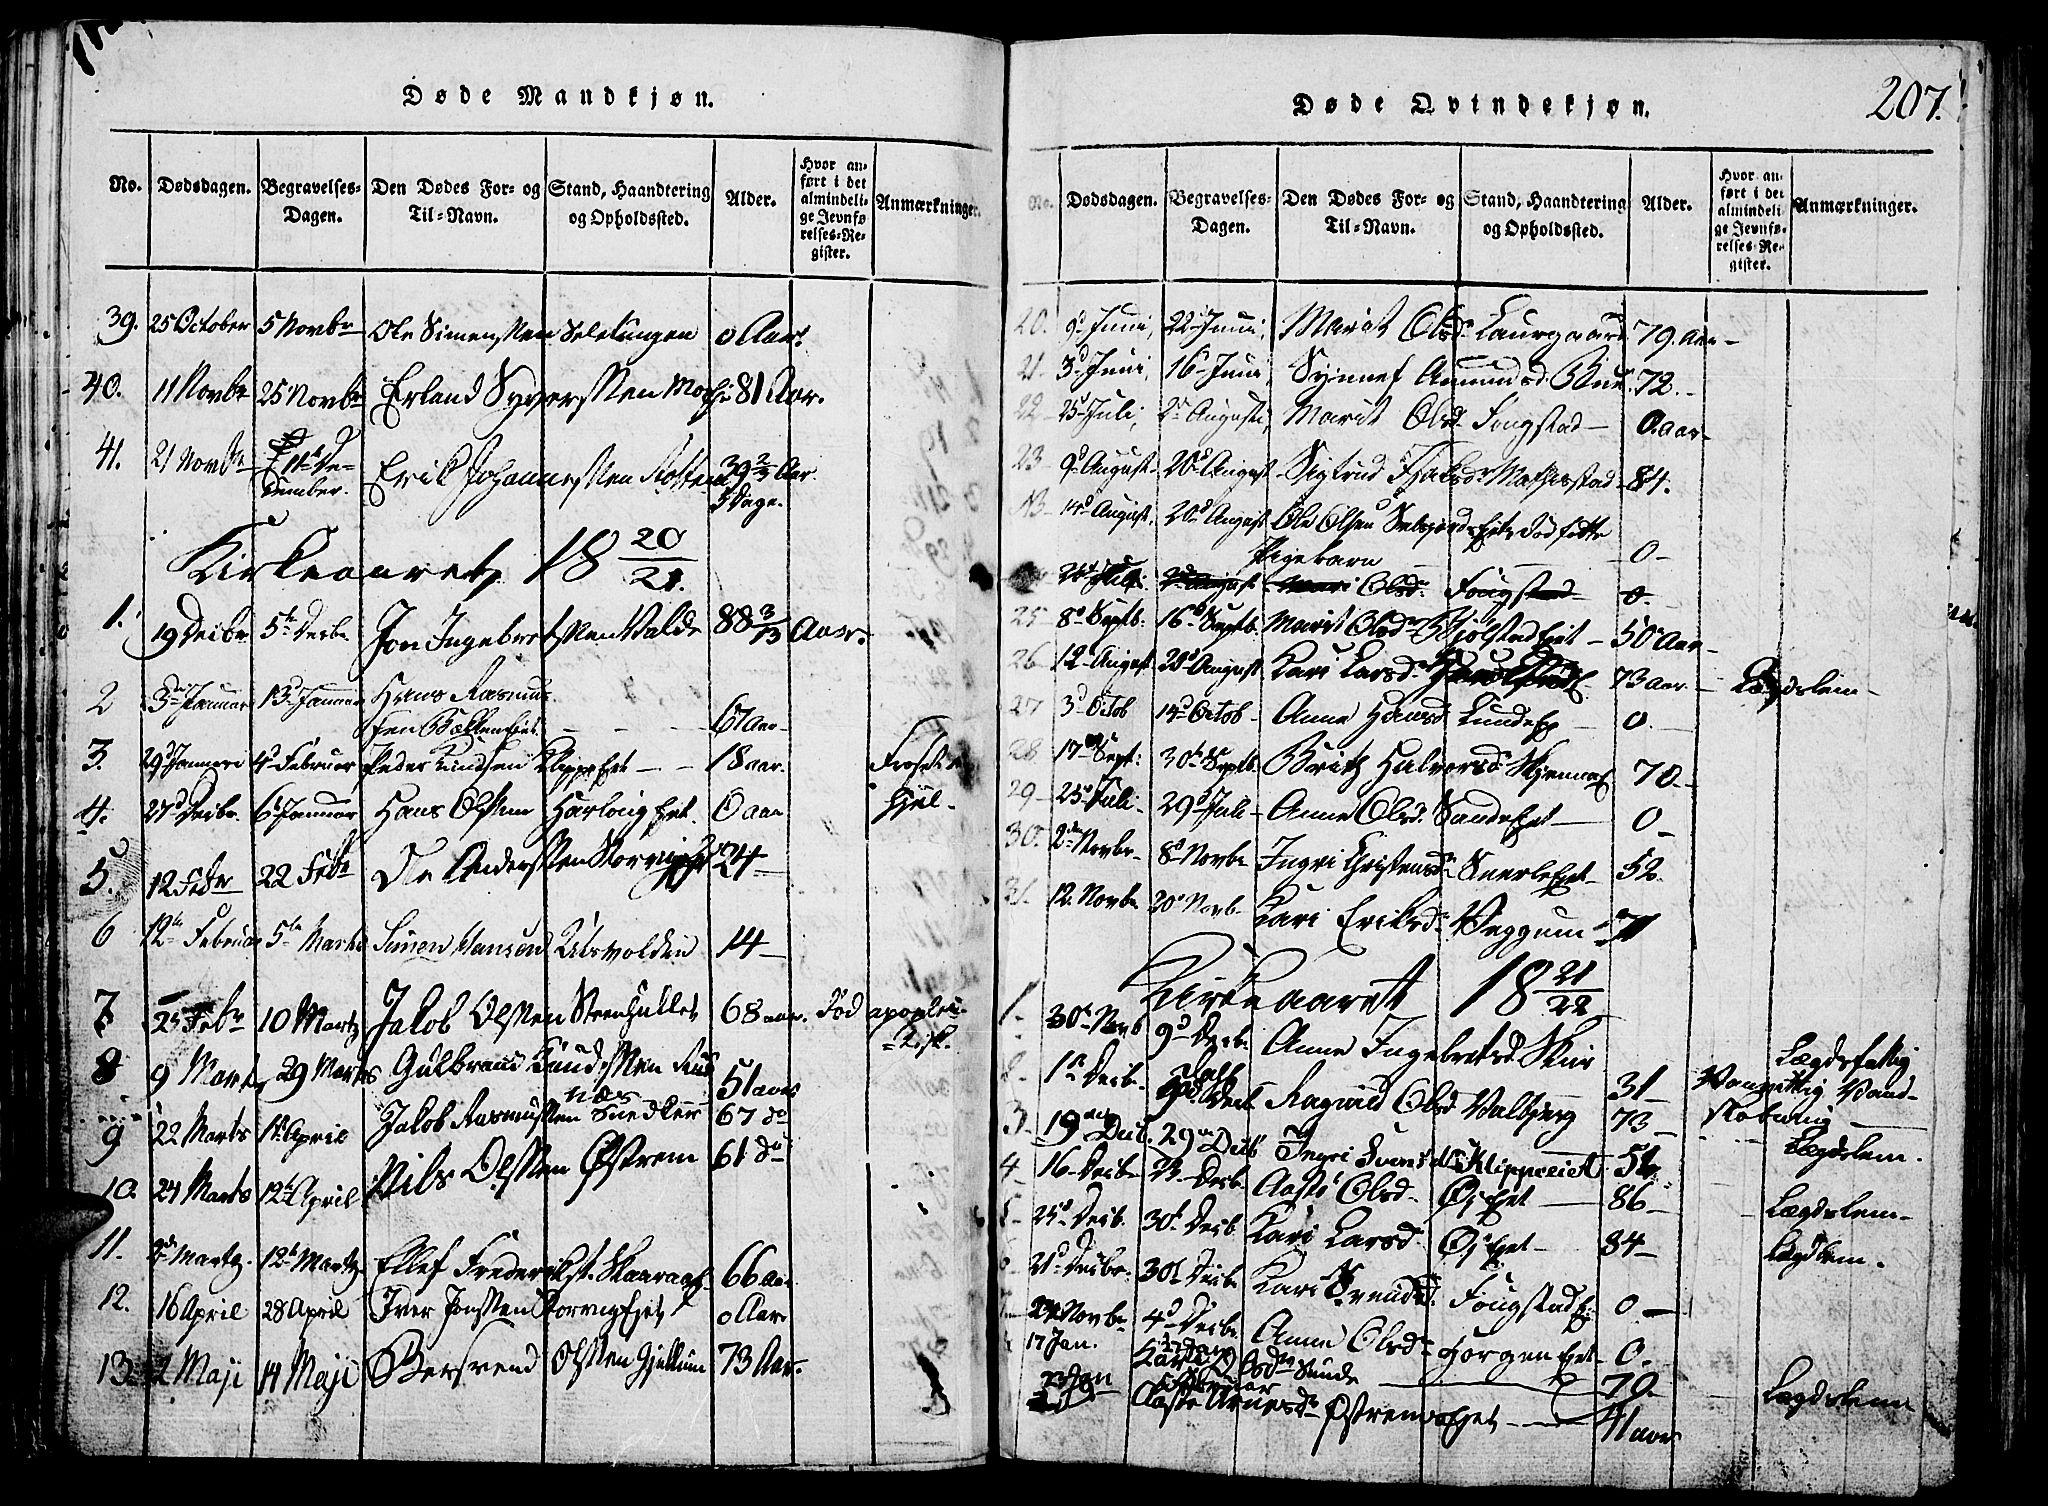 SAH, Vågå prestekontor, Klokkerbok nr. 1, 1815-1827, s. 206-207